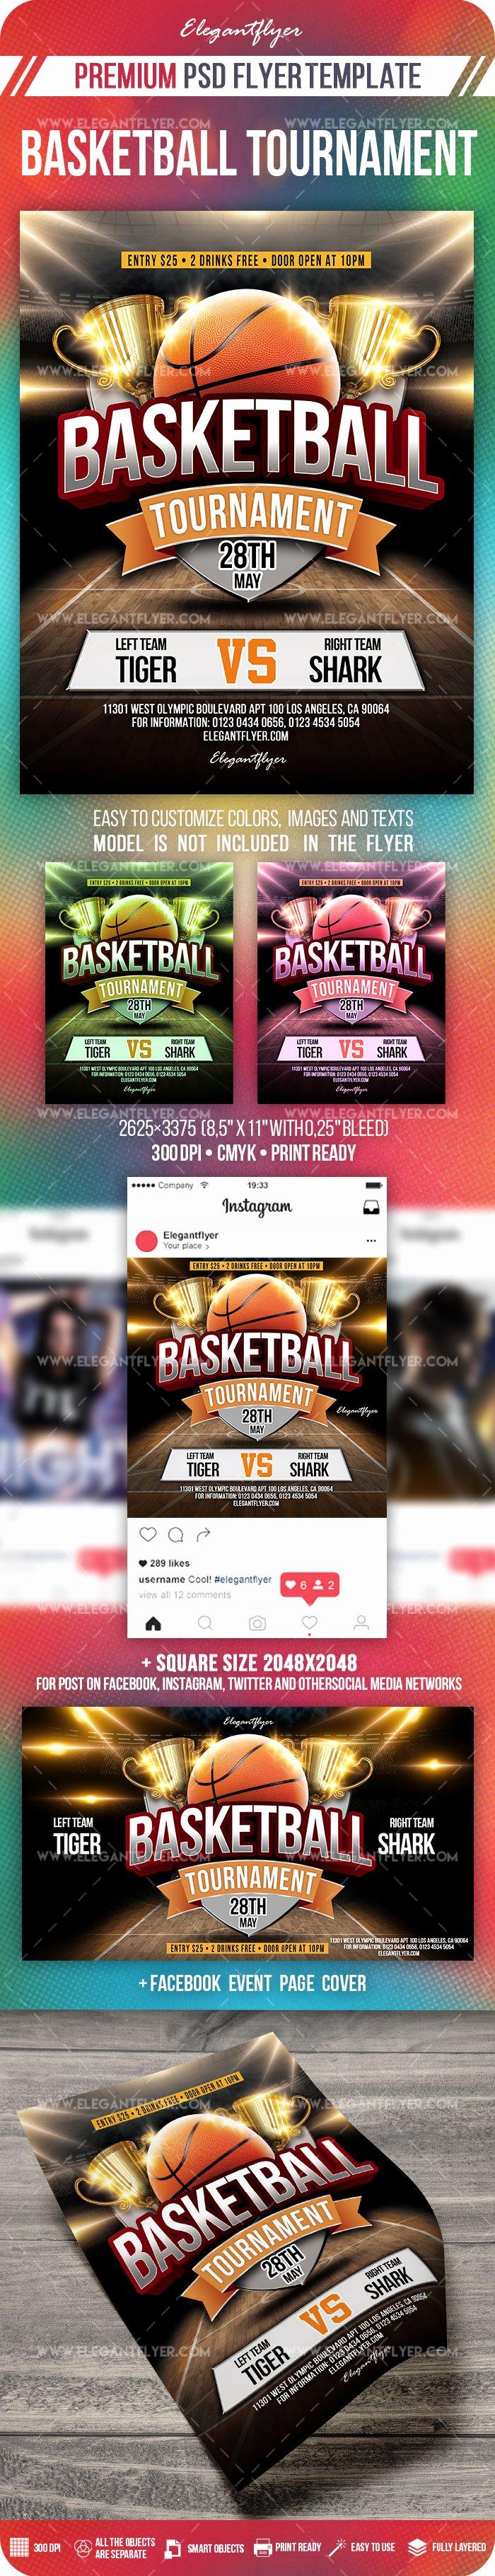 Facebook Post Template Psd Beautiful Basketball tournament – Psd Flyer Template